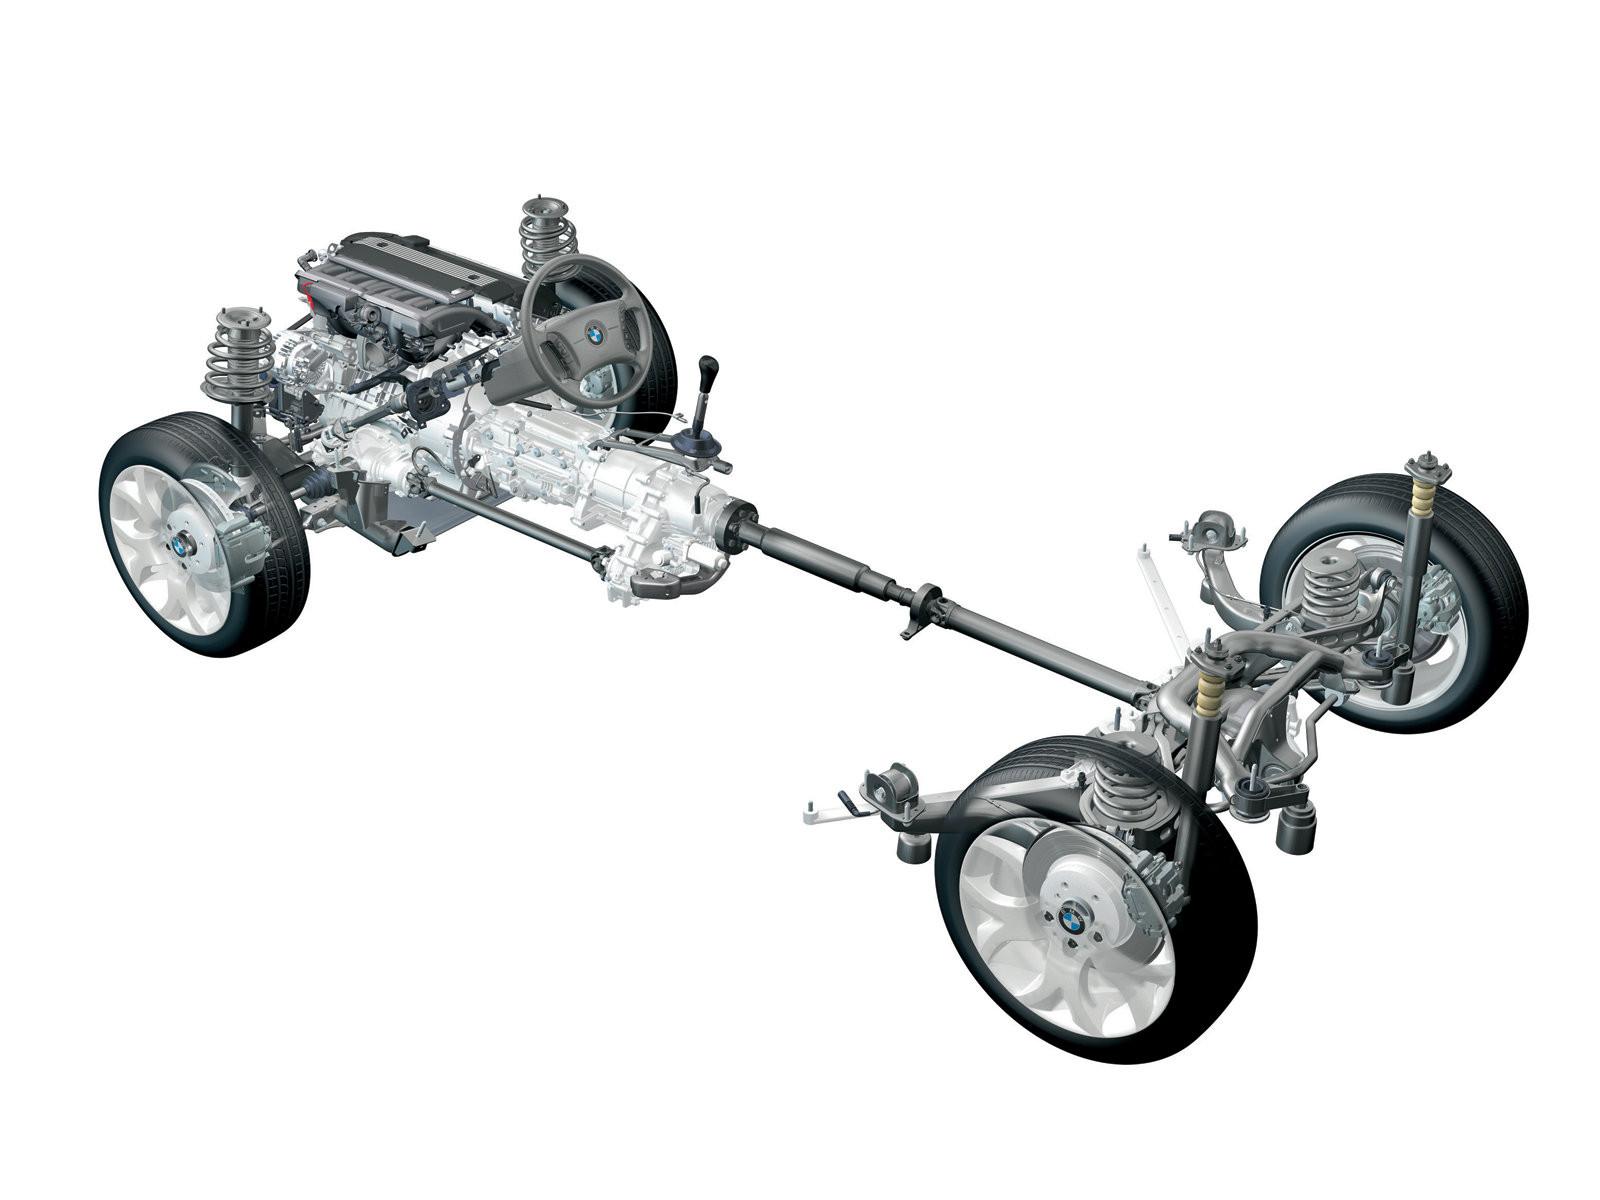 Boite-de-transfert-BMW-X3-1.jpg